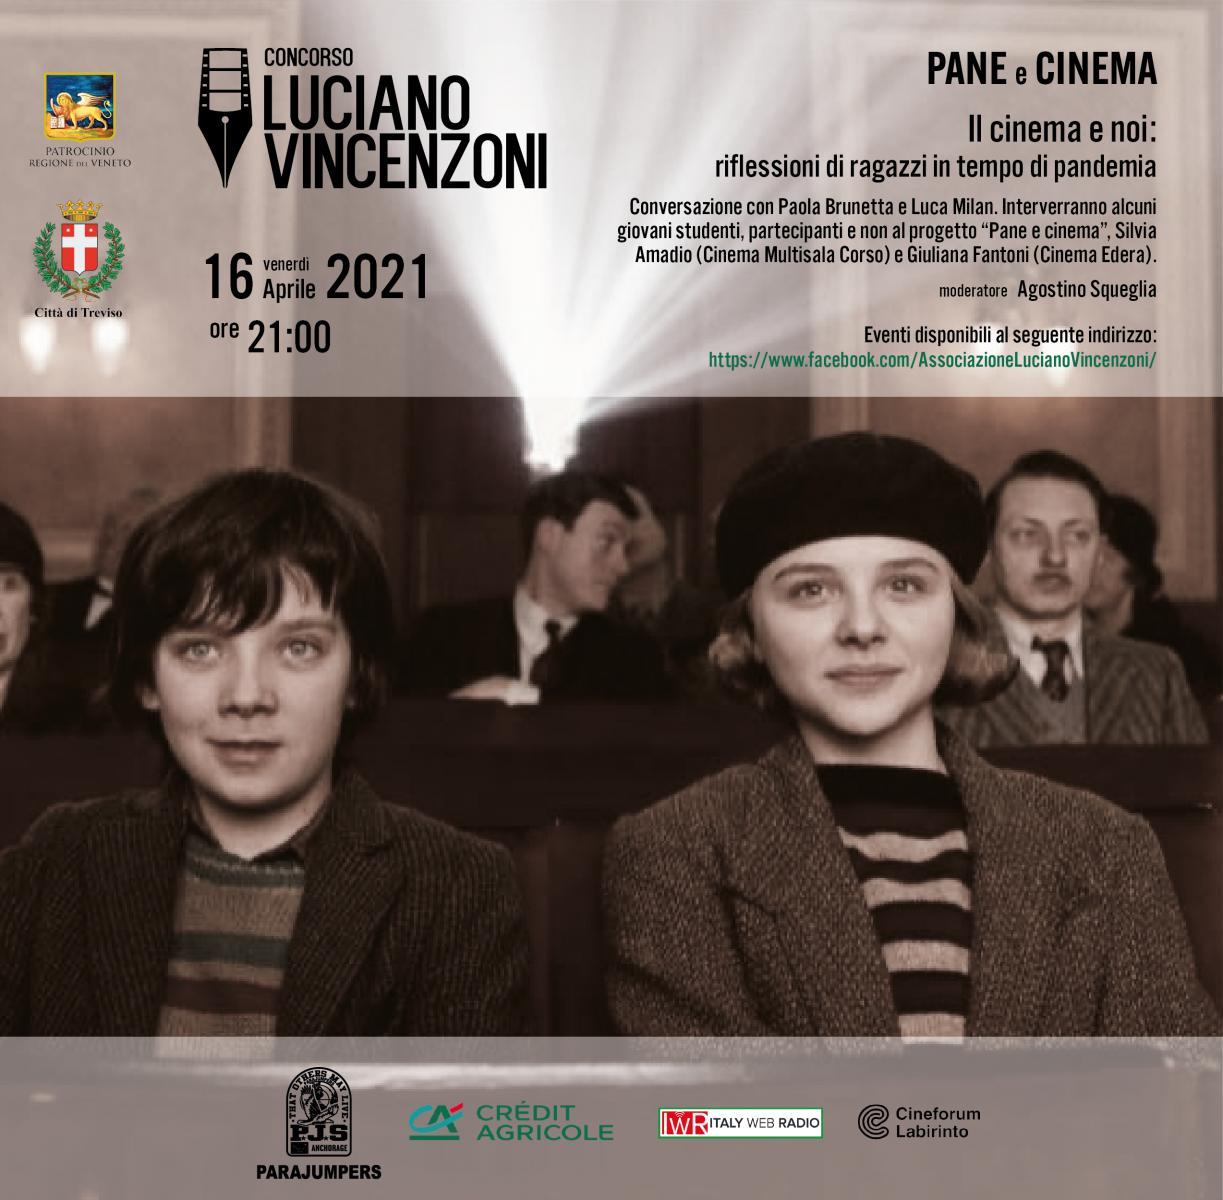 Il cinema e noi: riflessioni di ragazzi in tempo di pandemia